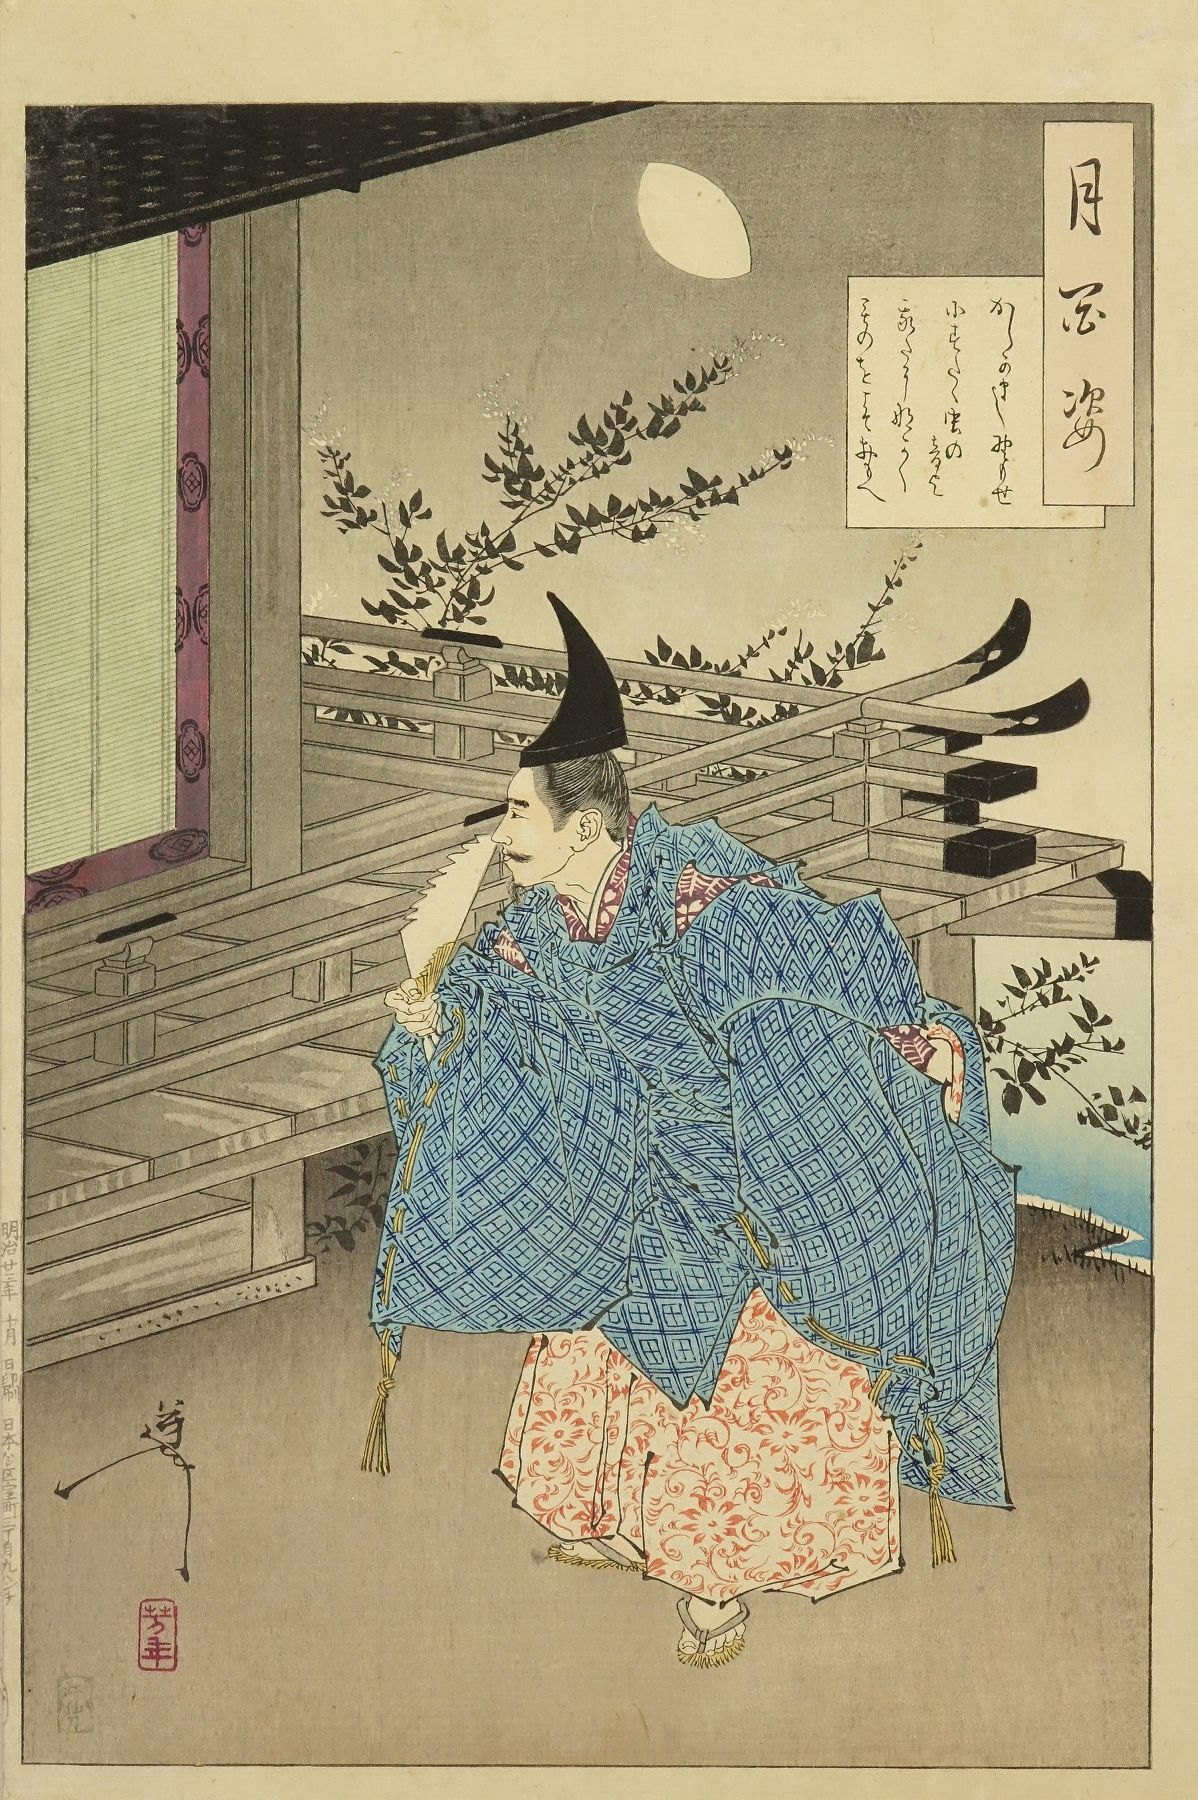 YOSHITOSHI Poem by Taira no Tadanori, from <i>Tsuki hyakushi</i> (One hundred aspects of the moon)